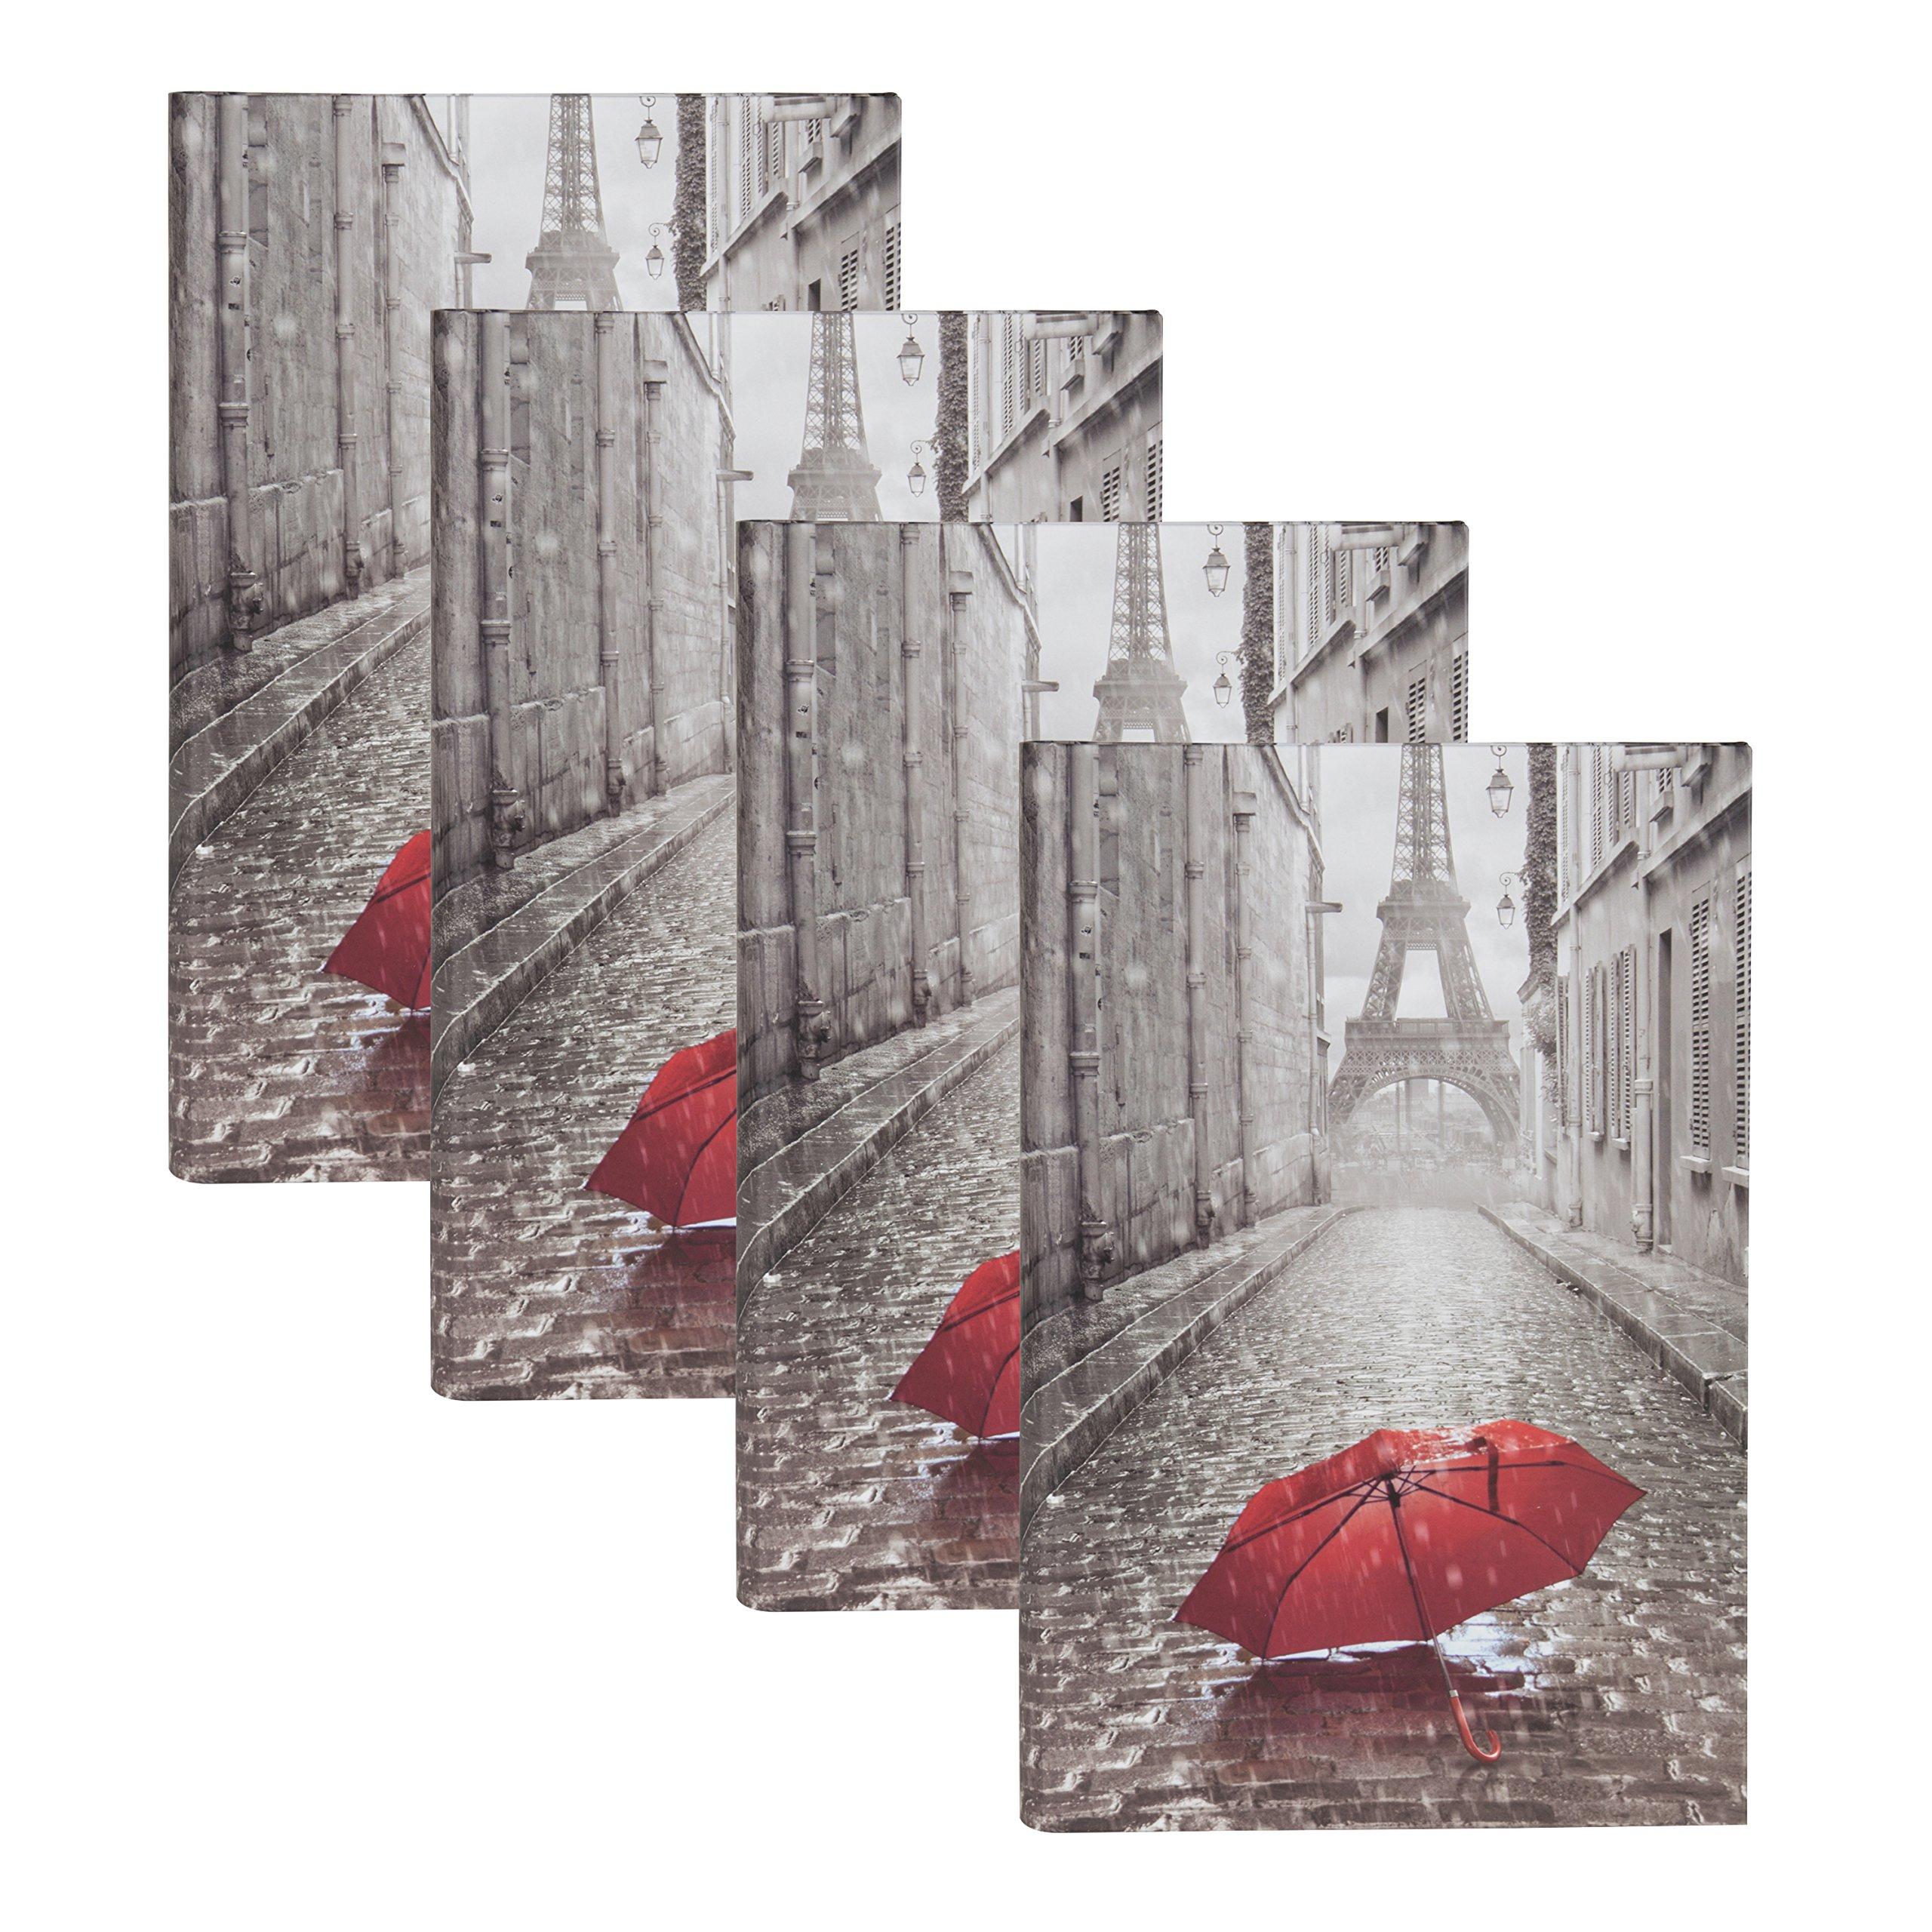 DesignOvation Paris with Red Umbrella Photo Album, Holds 300 4x6 Photos, Set of 4